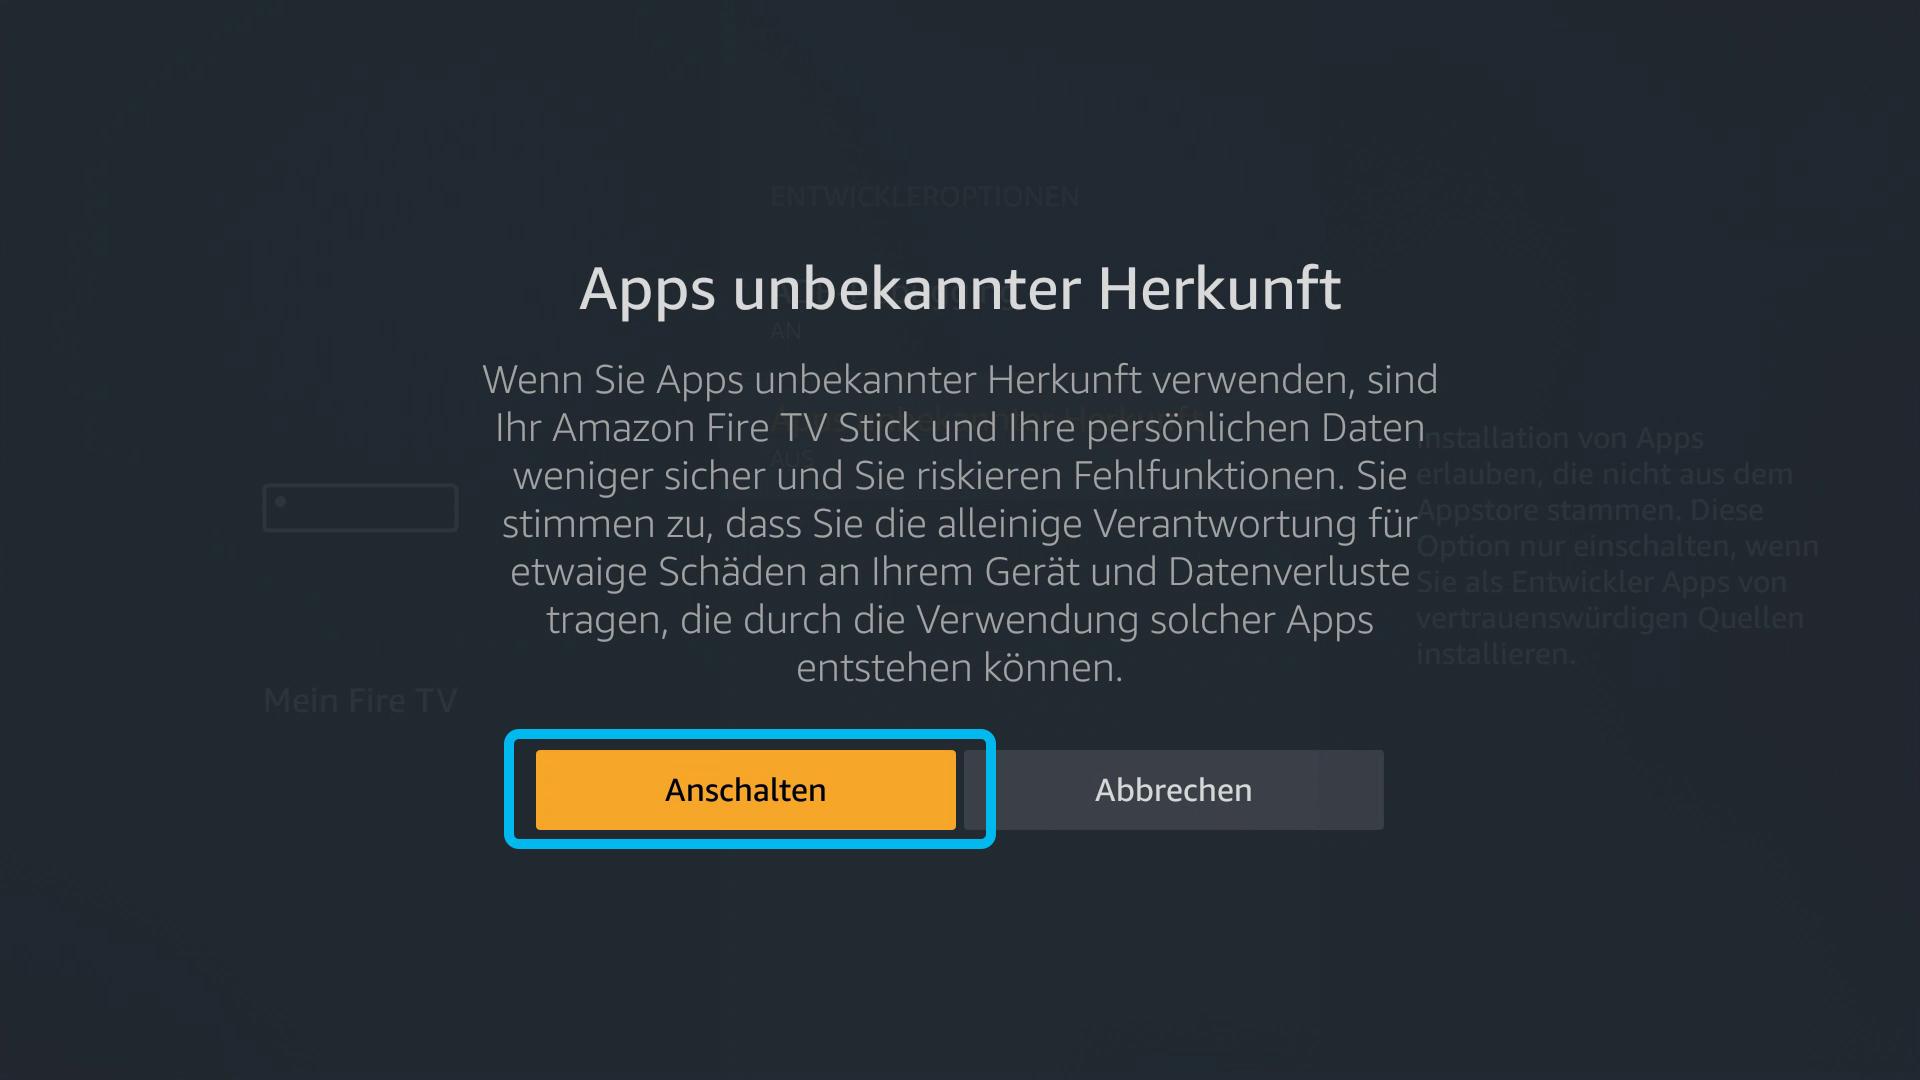 Kodi auf FireTV Stick (DigitaleWelt) - Apps unbekannter Herkunft